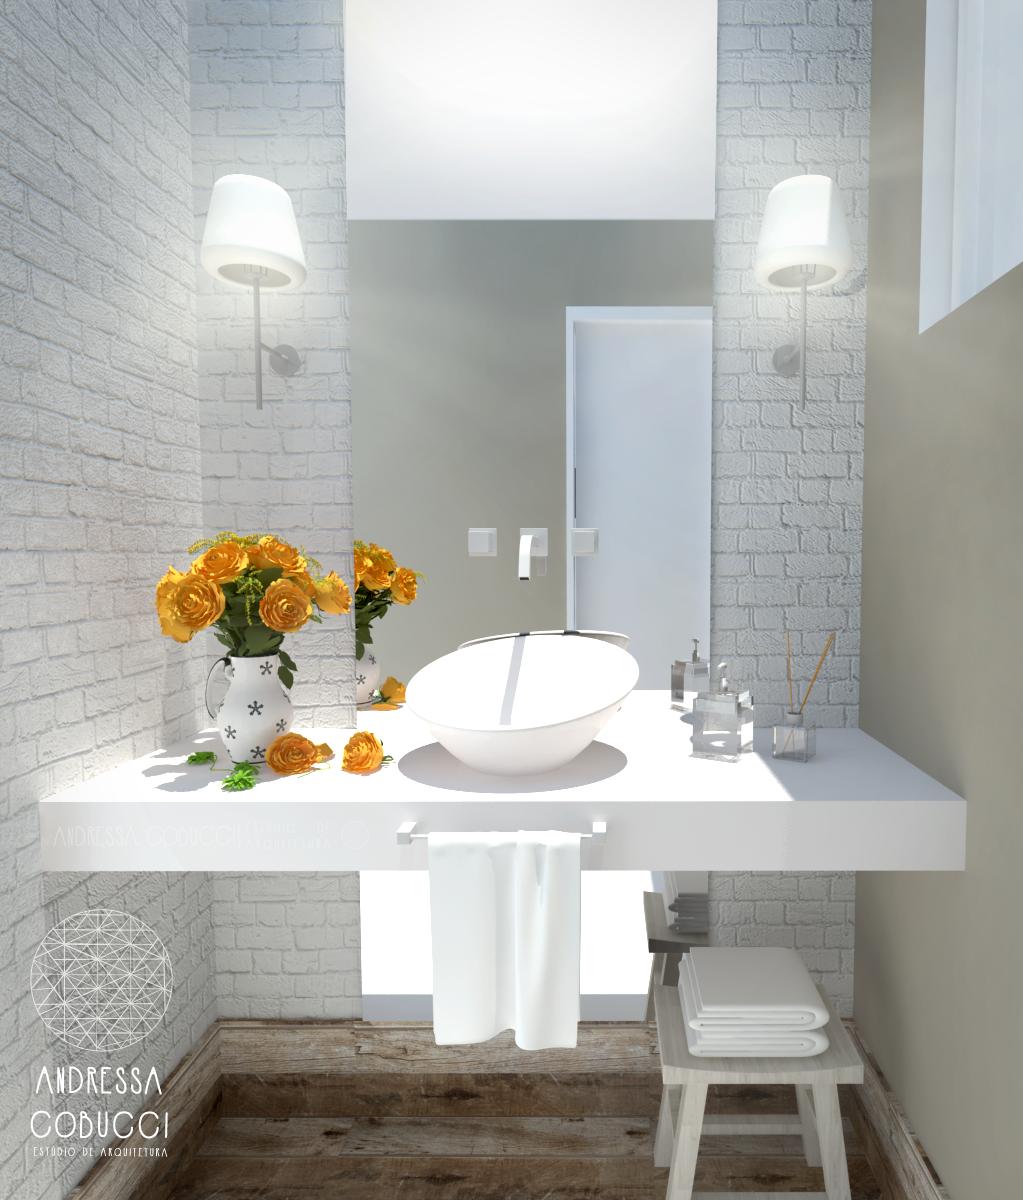 Lavabo No Banheiro : Lavabo banheiro para visitas em cores claras e neutras